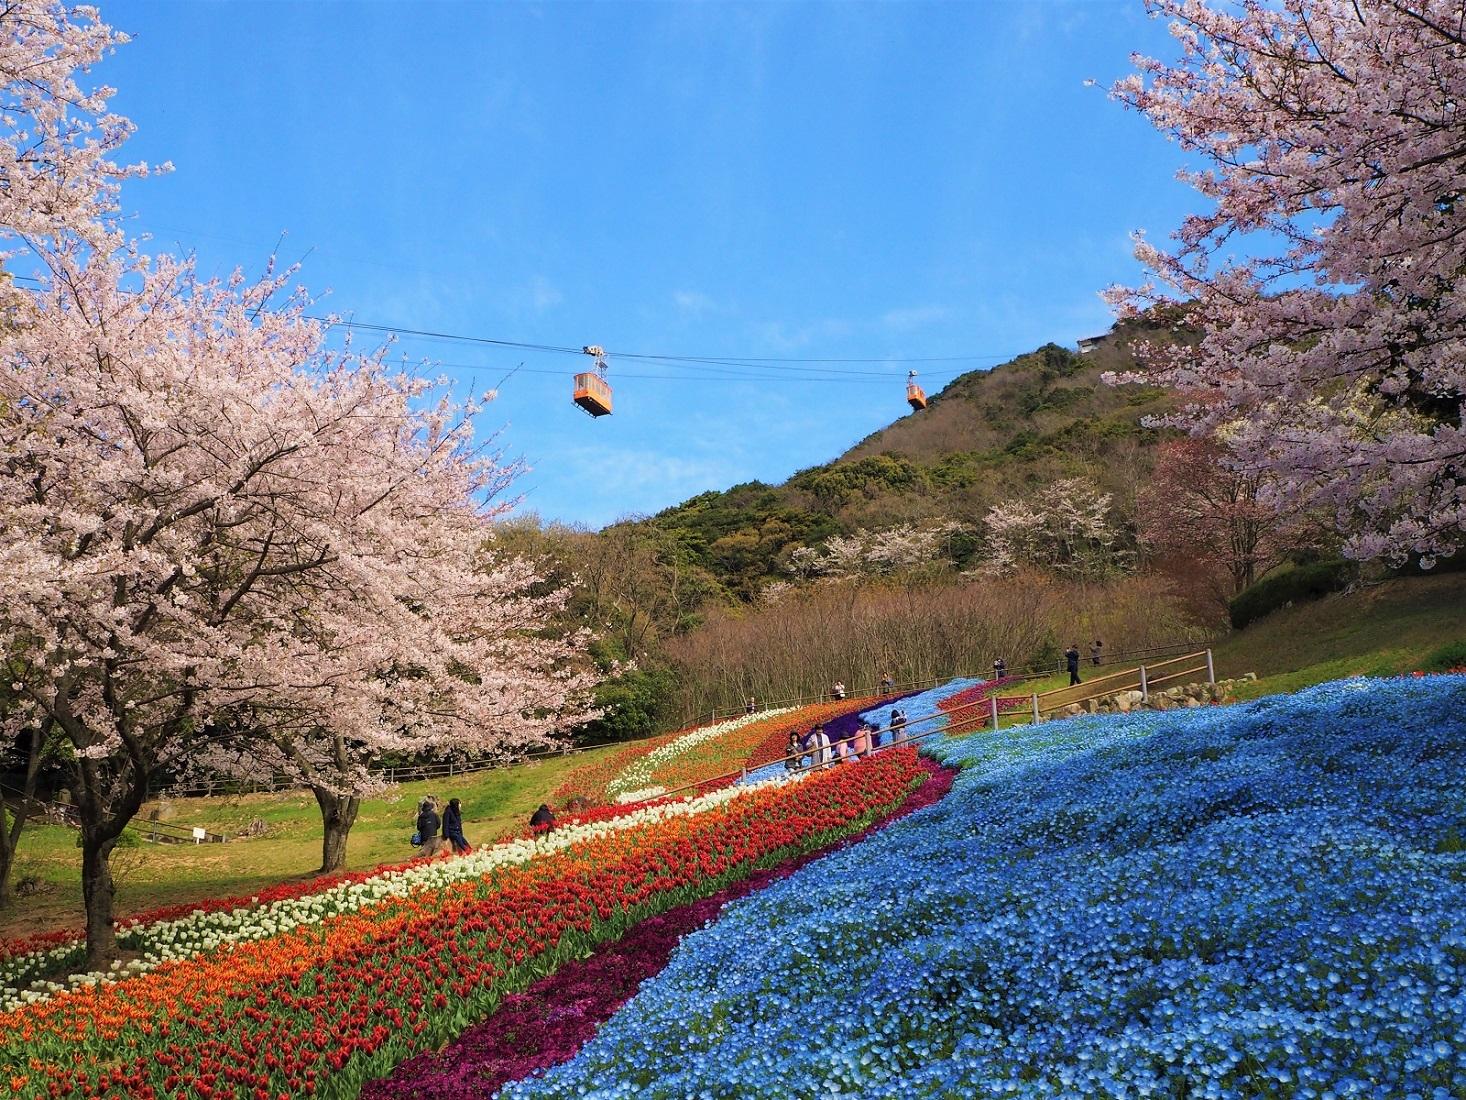 3. 히노야마 공원